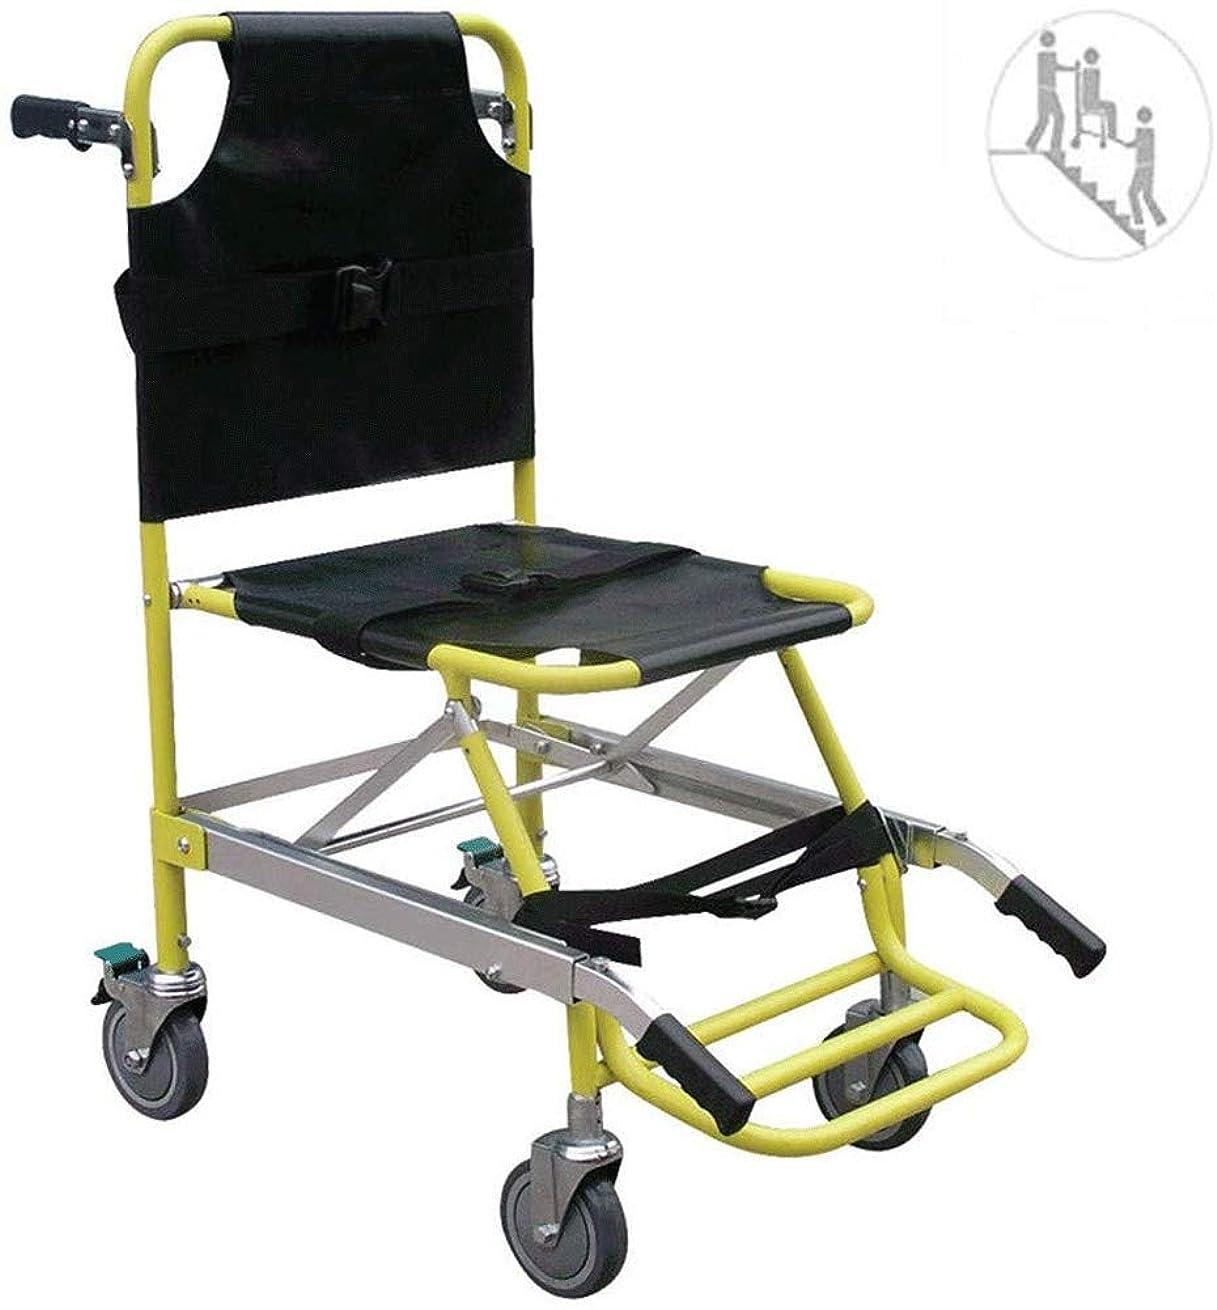 めまい遠え無秩序EMS階段チェア - クイックリリースバックル付き救急消防避難アルミ医療リフト階段チェア - 負荷容量:400ポンド